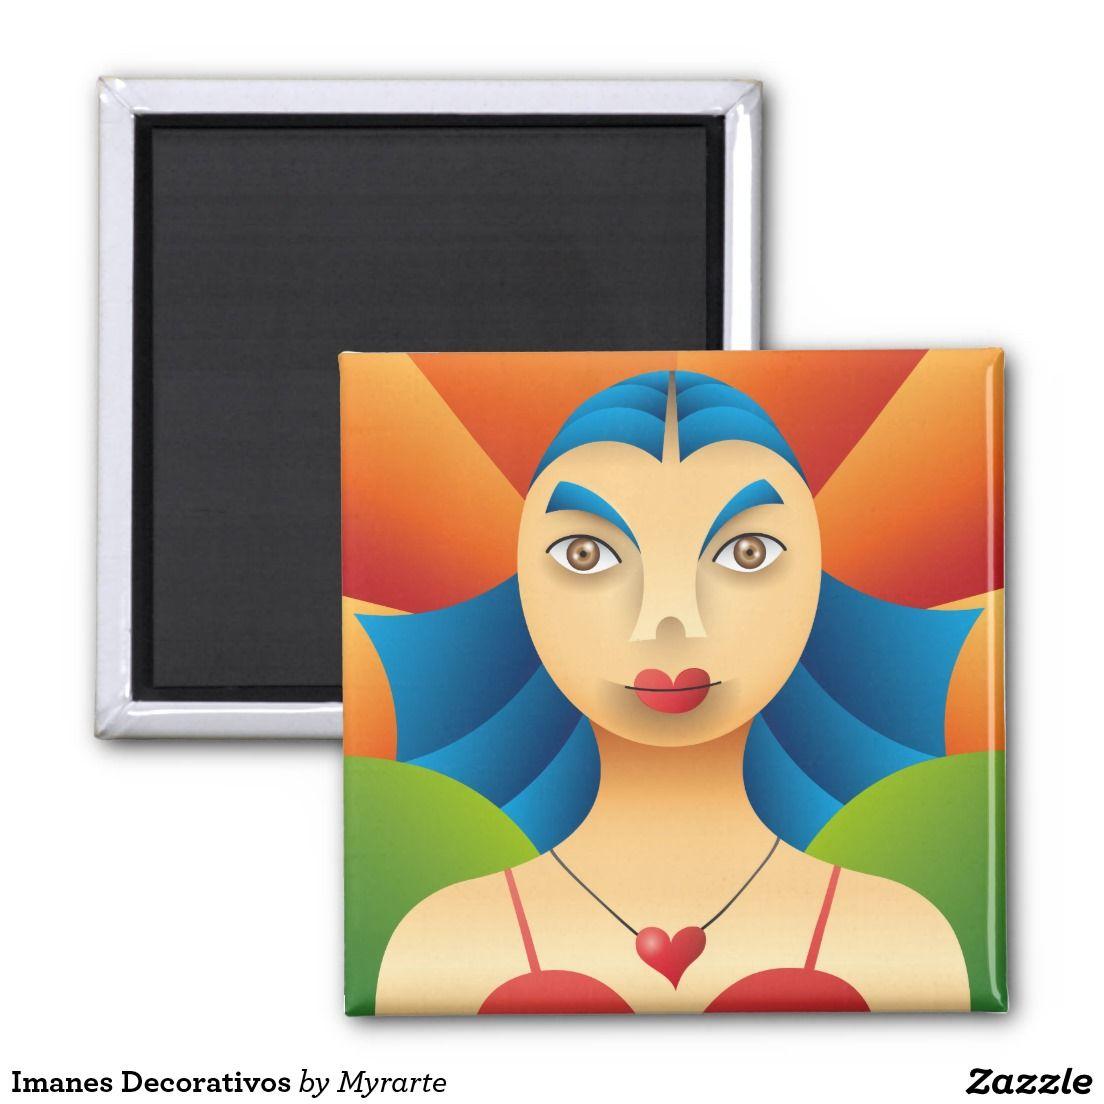 Imanes Decorativos 2 Inch Square Magnet, home decor, decoración. Producto disponible en tienda Zazzle. Decoración para el hogar. Product available in Zazzle store. Home decoration. Regalos, Gifts. Link to product: http://www.zazzle.com/imanes_decorativos_2_inch_square_magnet-147515552132843858?CMPN=shareicon&lang=en&social=true&rf=238167879144476949 #imanes #magnets